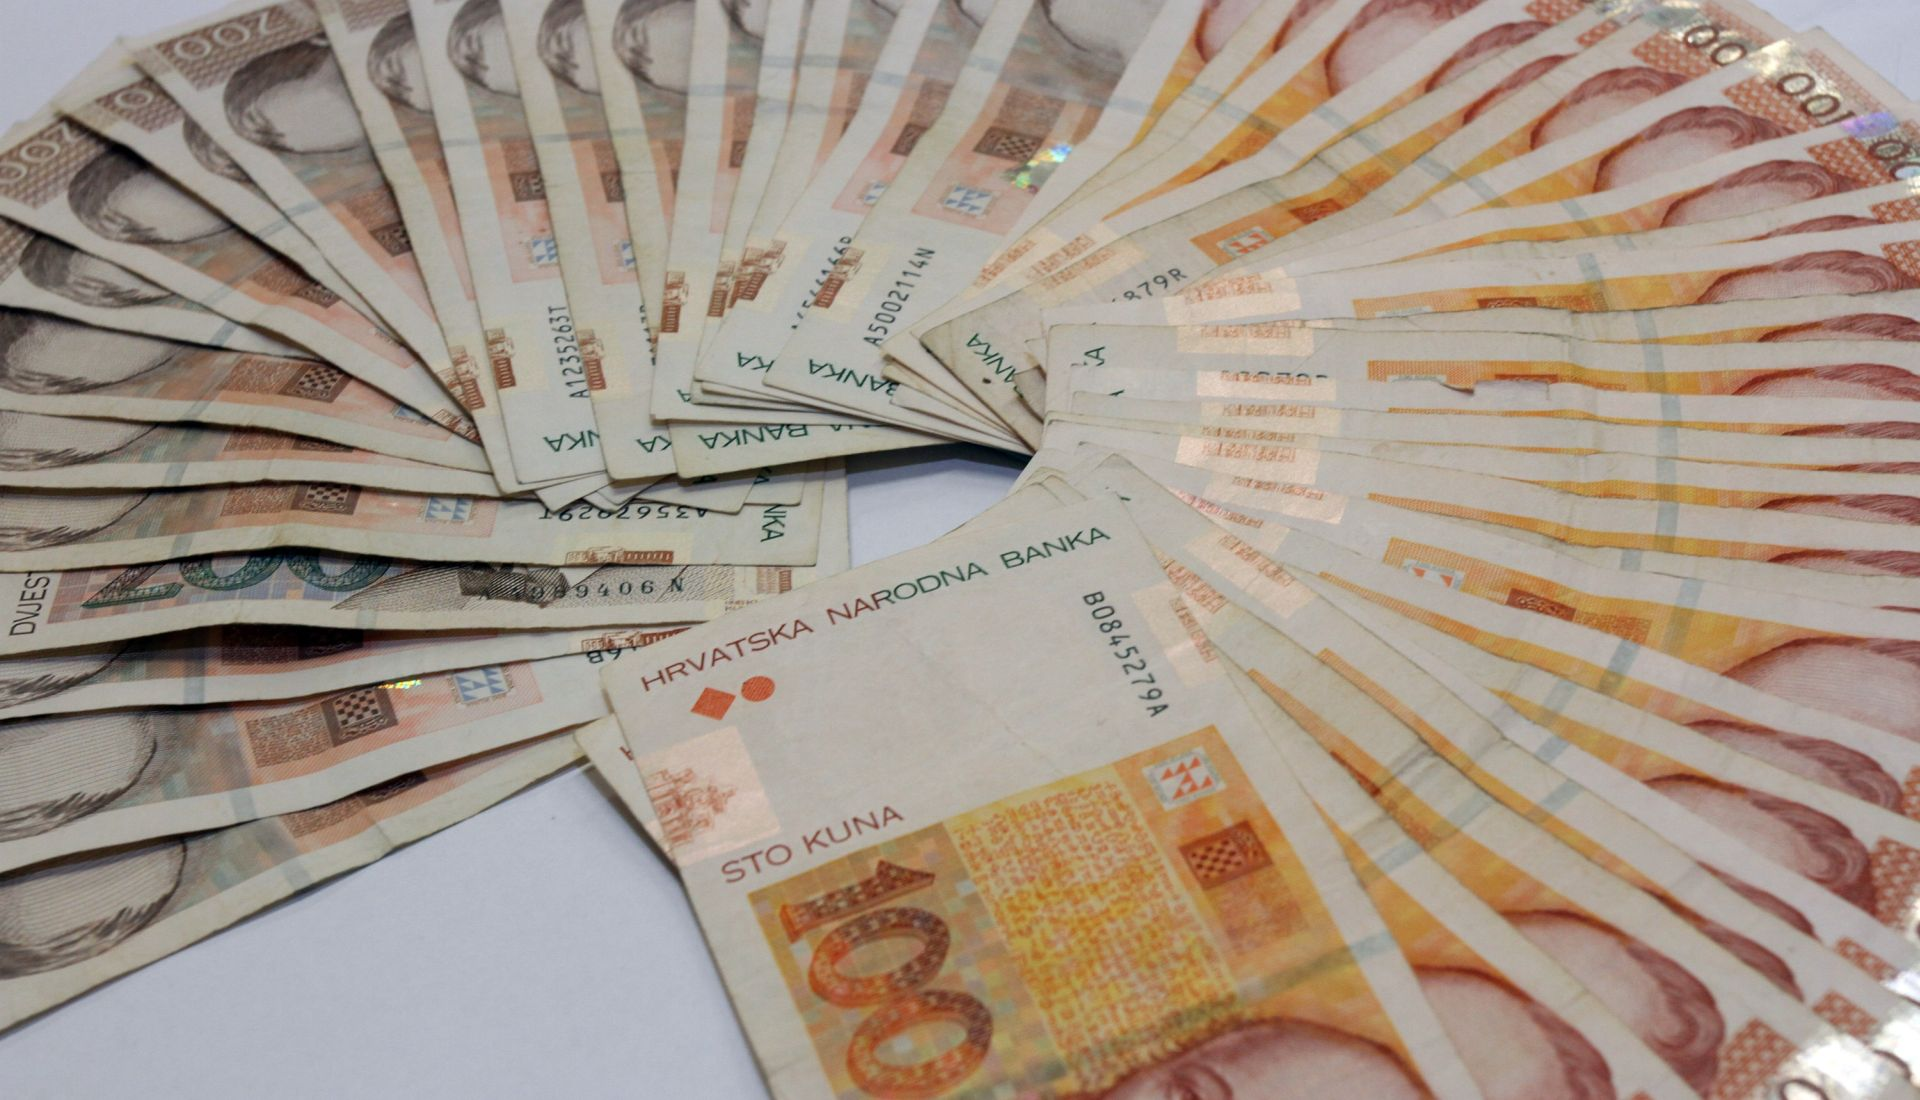 VELIKA ANALIZA NOVE TV Najzaduženiji građanin dužan je čak 403 milijuna kuna